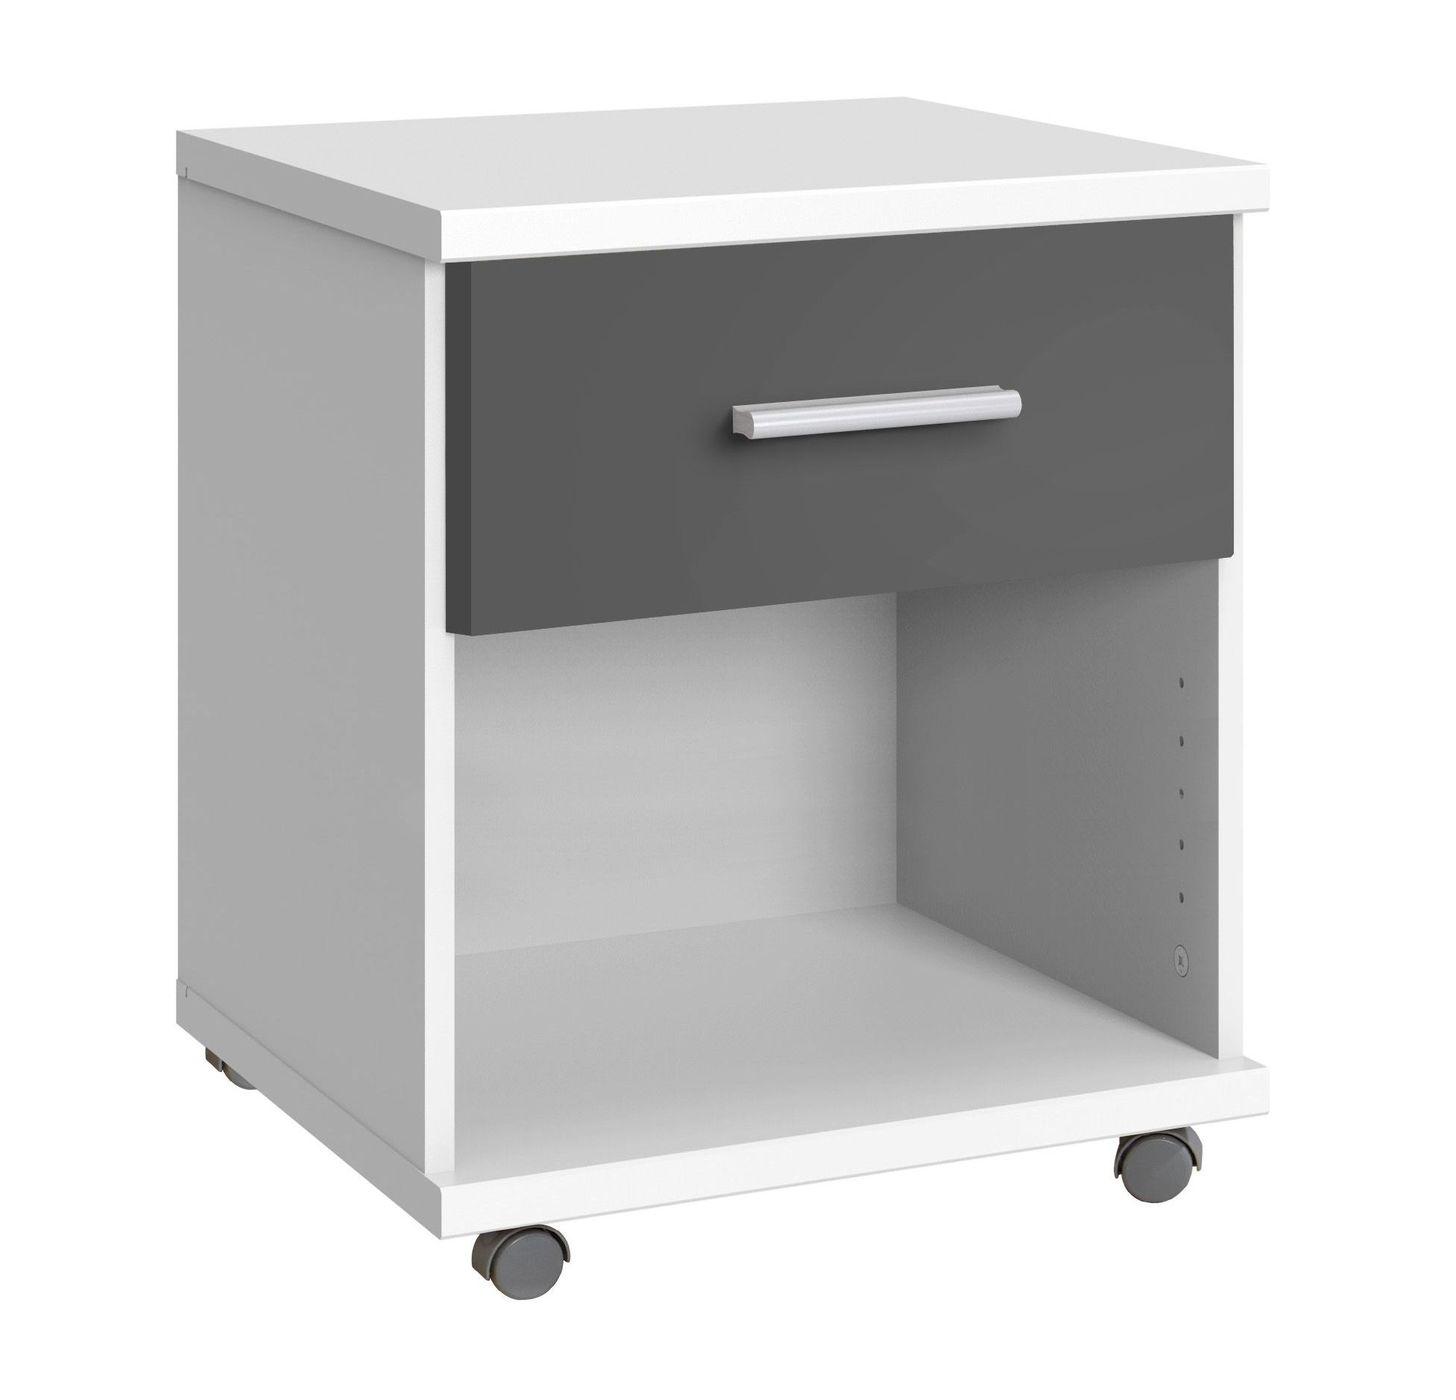 Bezaubernd Rollcontainer Kunststoff Ideen Von Neben Einem Offenen Fach Verfügt Das Möbel